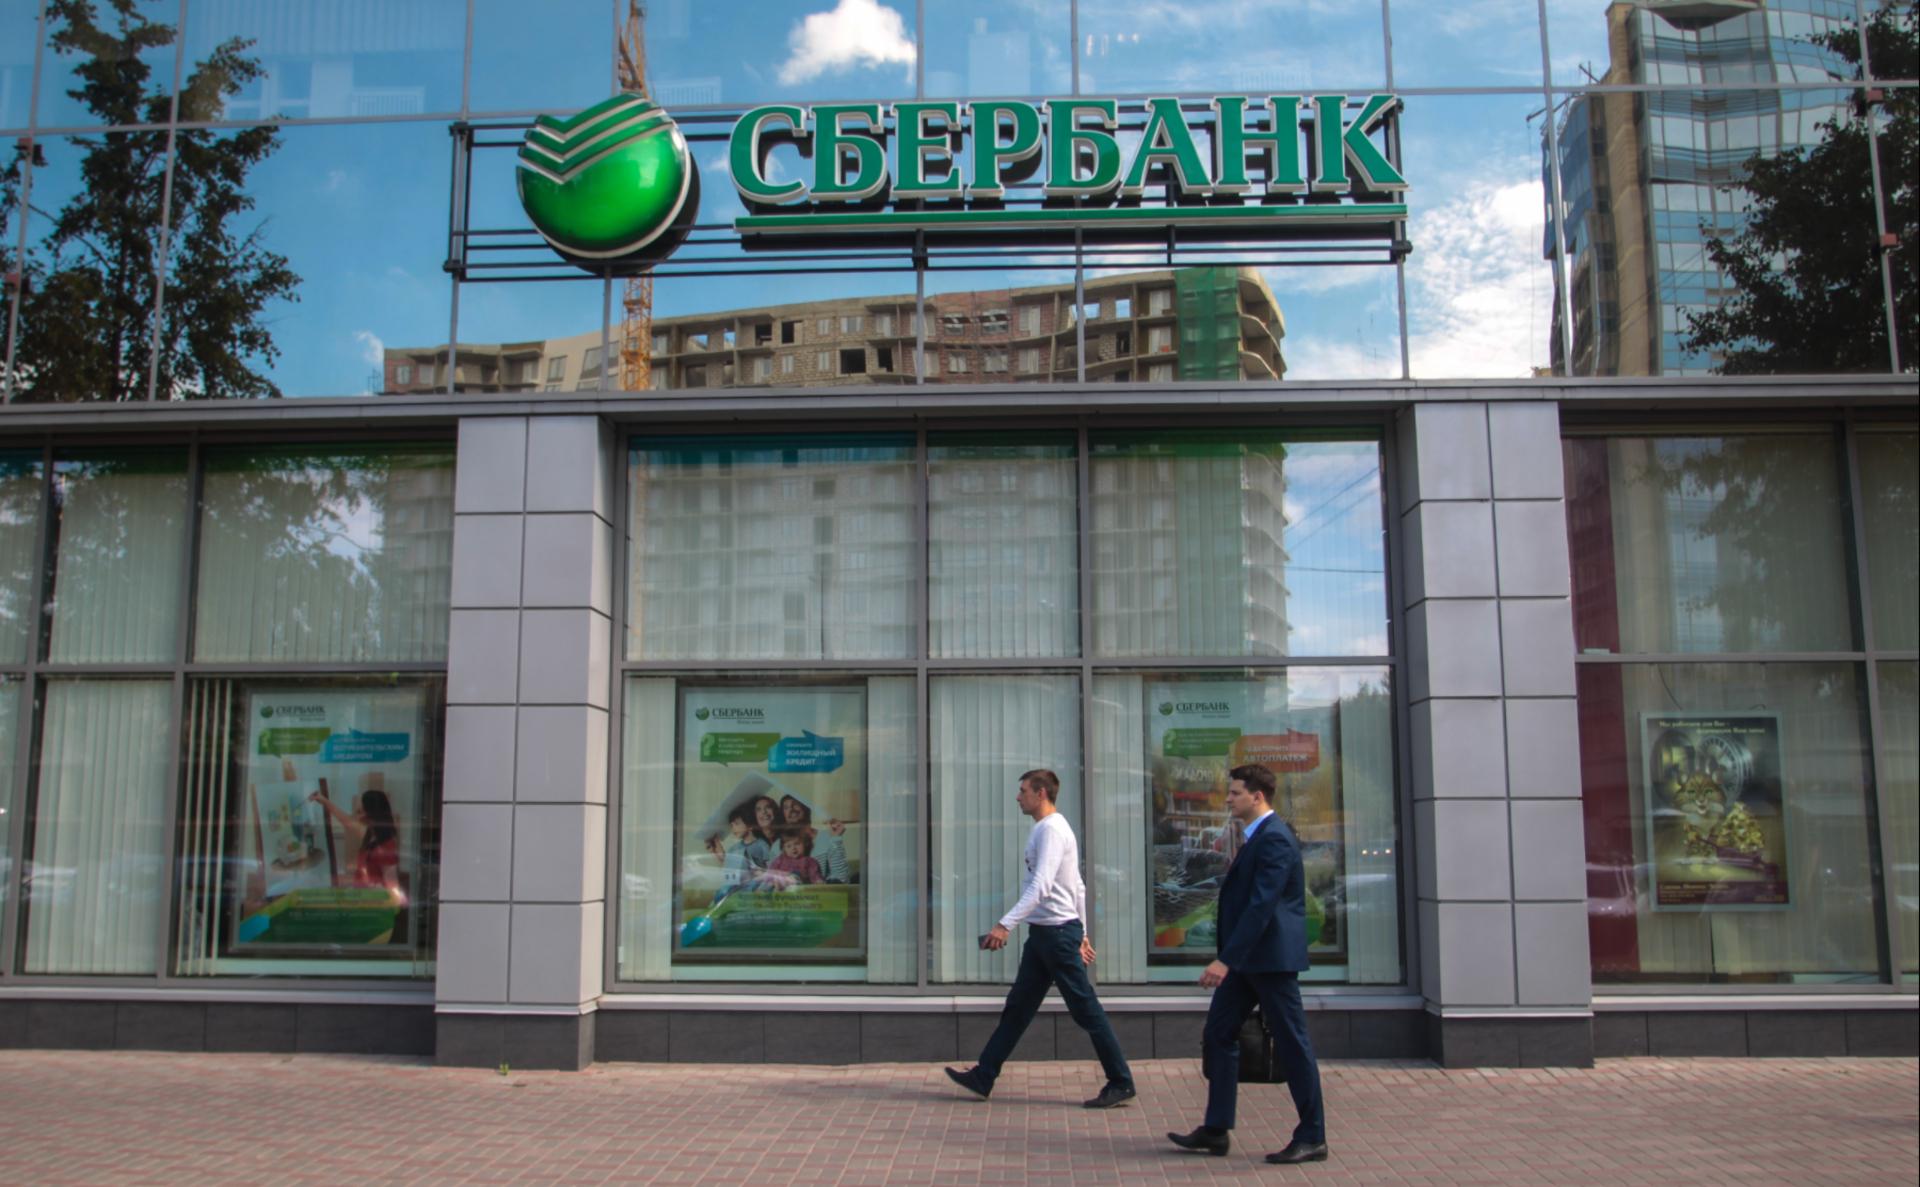 оформить кредитную карту онлайн с доставкой на дом почтой россии адреса отделений хоум кредит банка в екатеринбурге